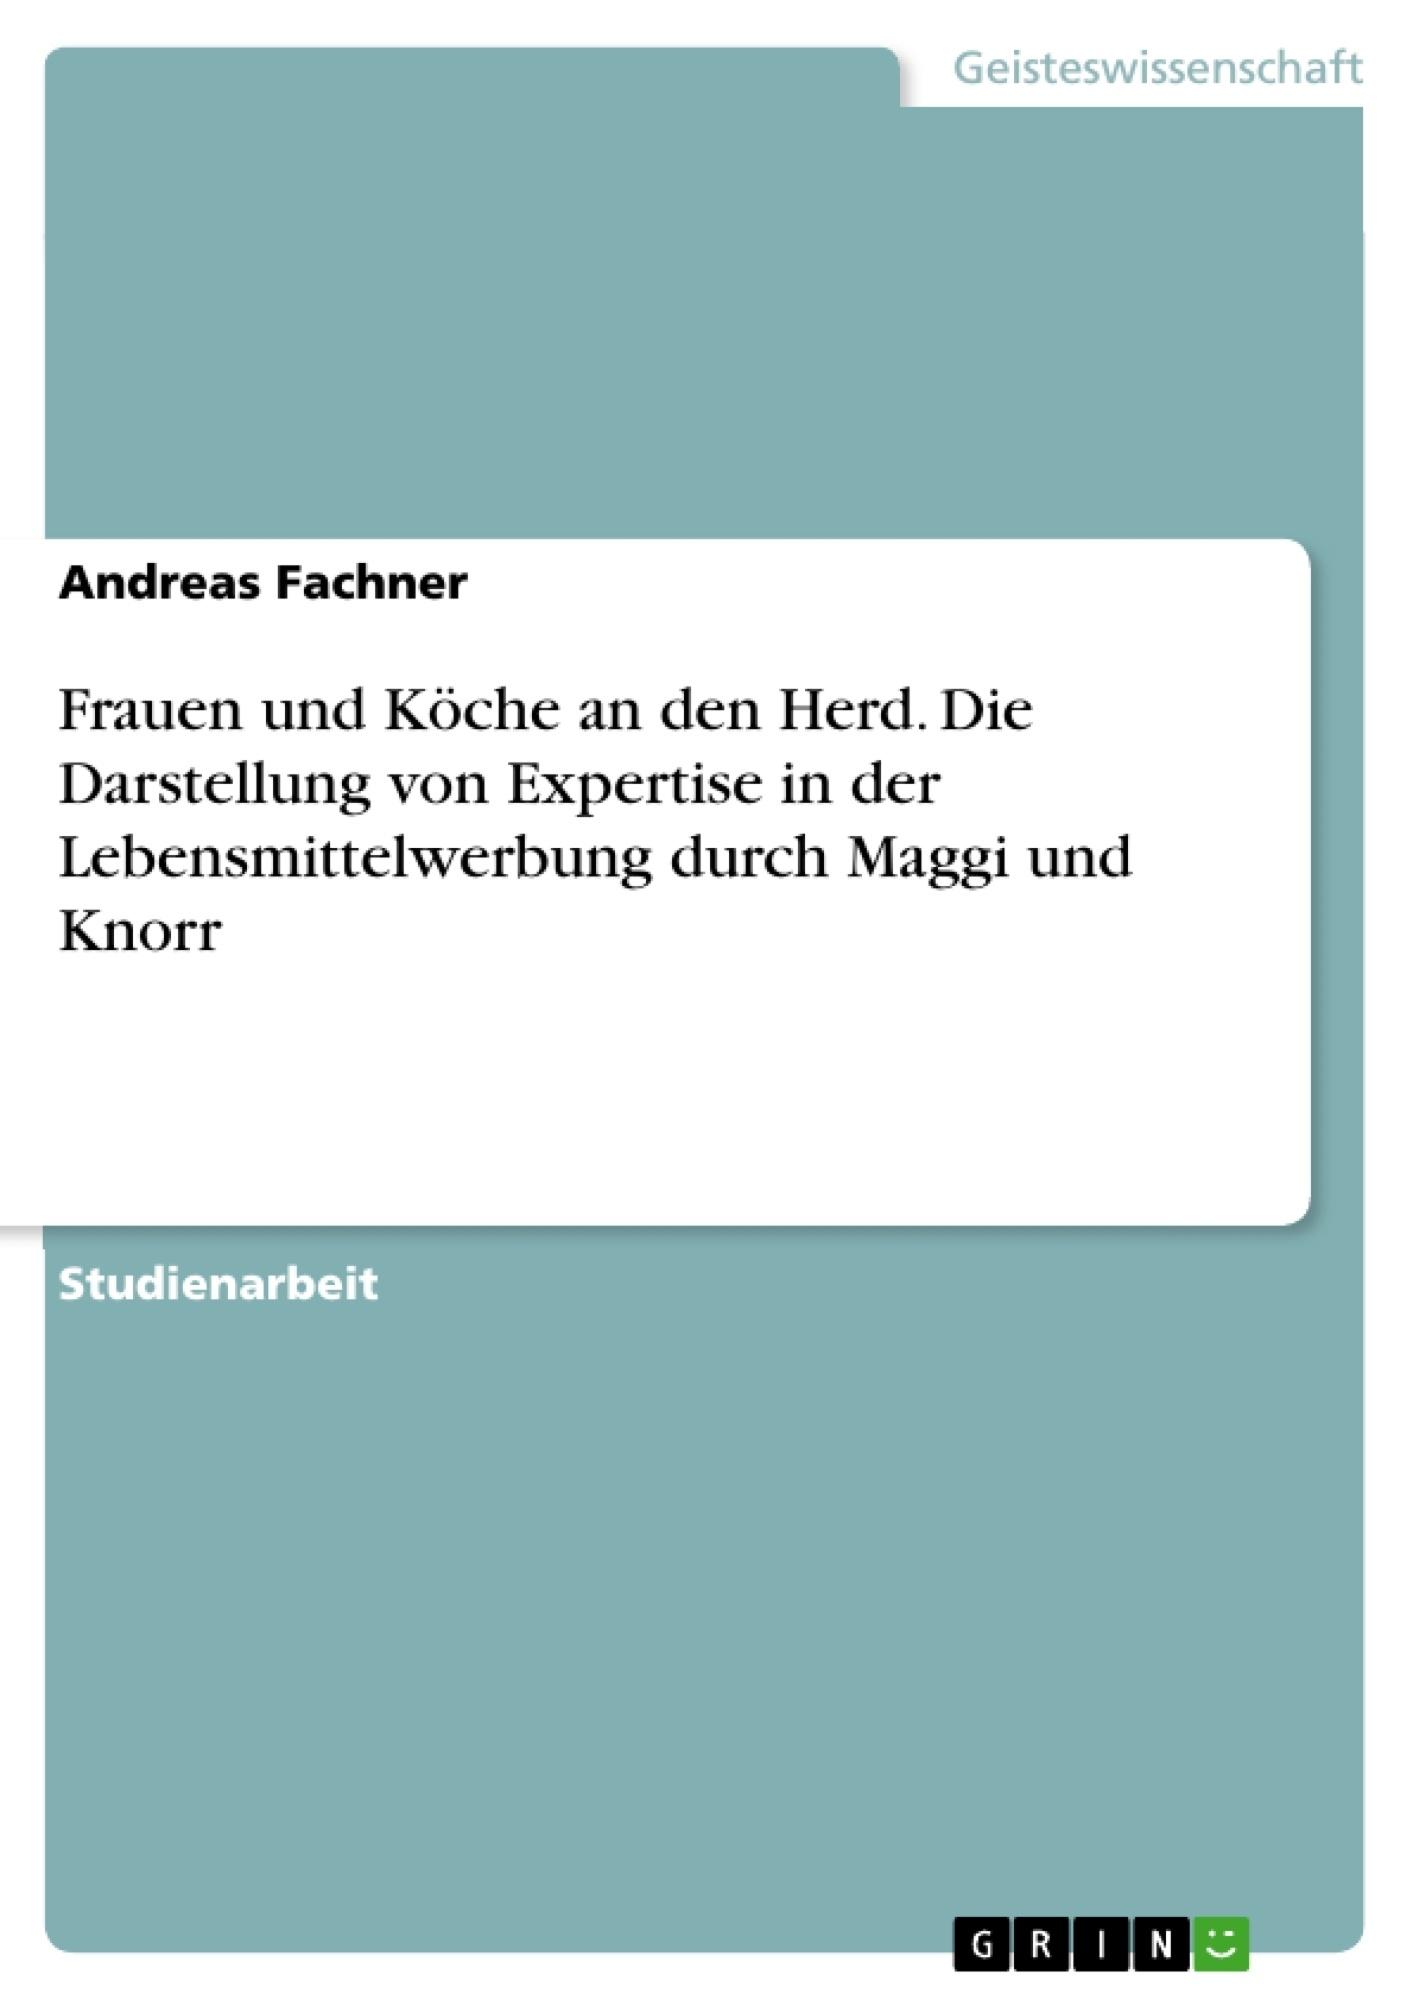 Titel: Frauen und Köche an den Herd. Die Darstellung von Expertise in der Lebensmittelwerbung durch Maggi und Knorr